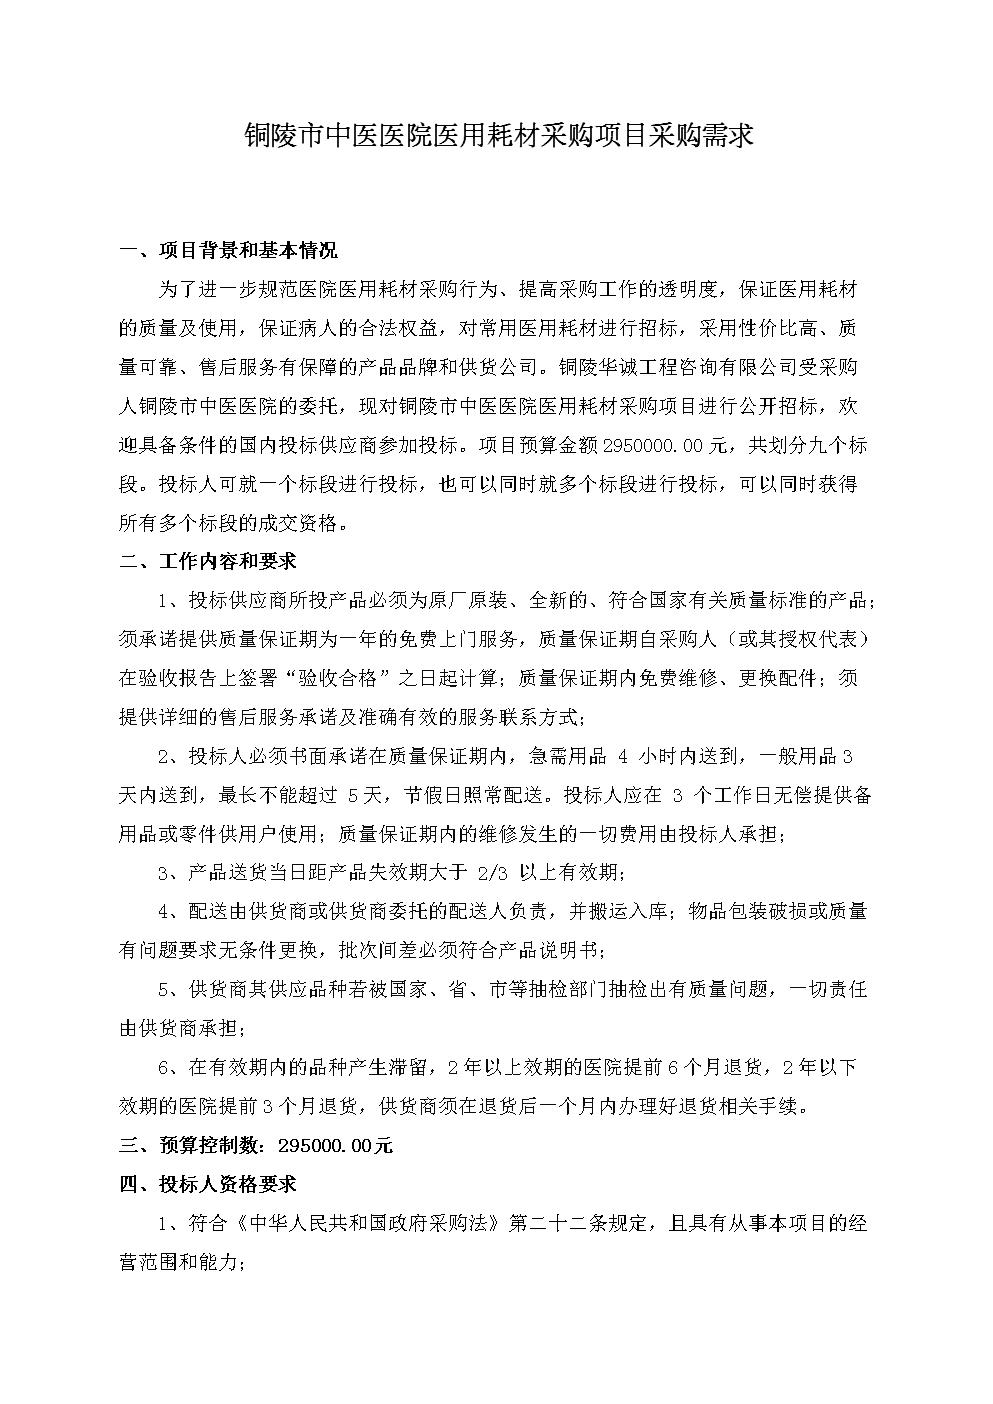 铜陵中医医院医用耗材采购项目采购需求.doc